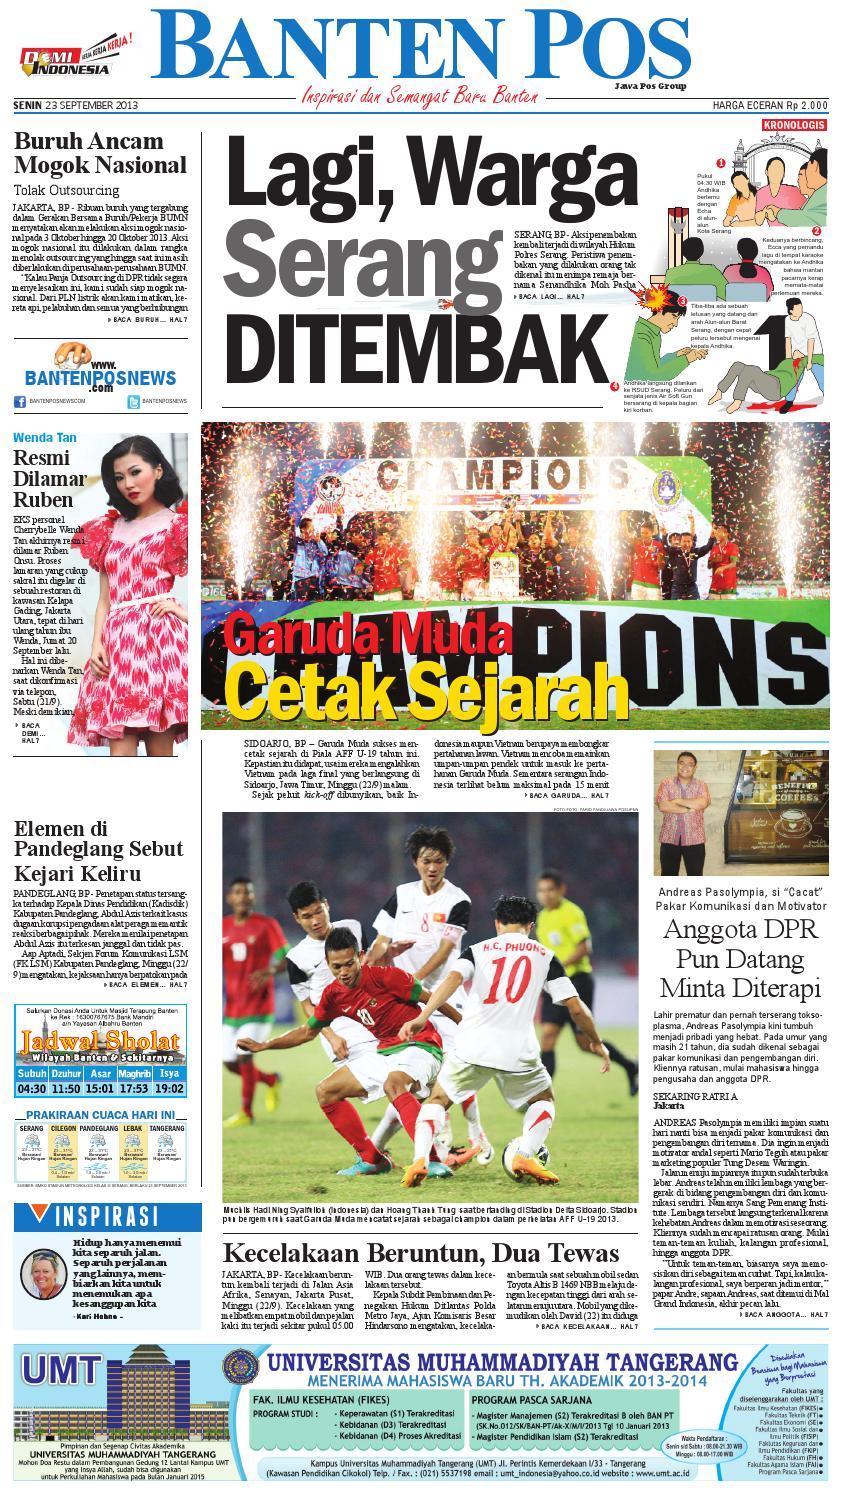 Banten Pos Edisi Senin 23 September 2013 By Bantenpos Issuu Produk Umkm Bumn Kapal Batok Lebak